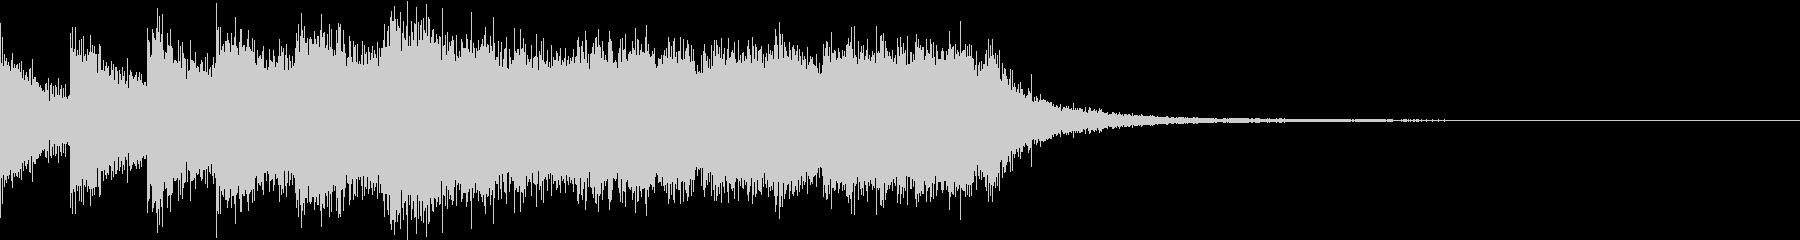 アナログゲーム 音 プレイ コイン 01の未再生の波形